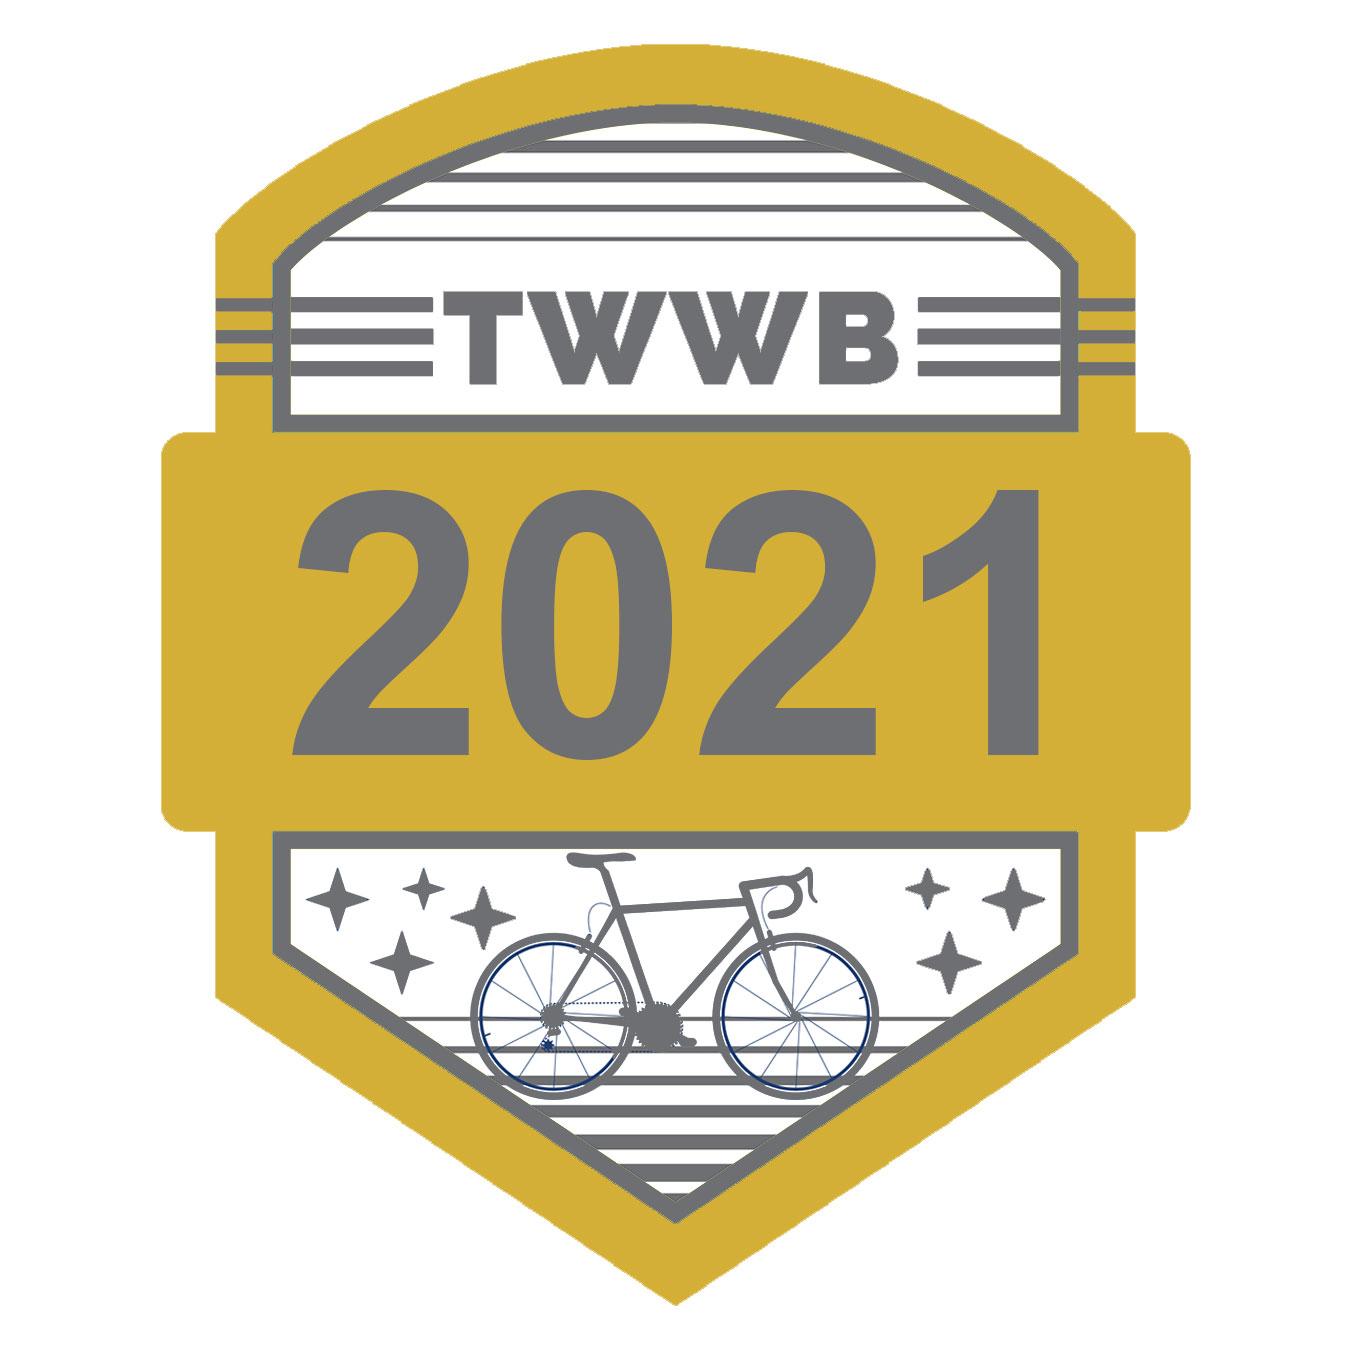 TWWB 2021 to go-ahead and TWWB 2021 Jersey reveal